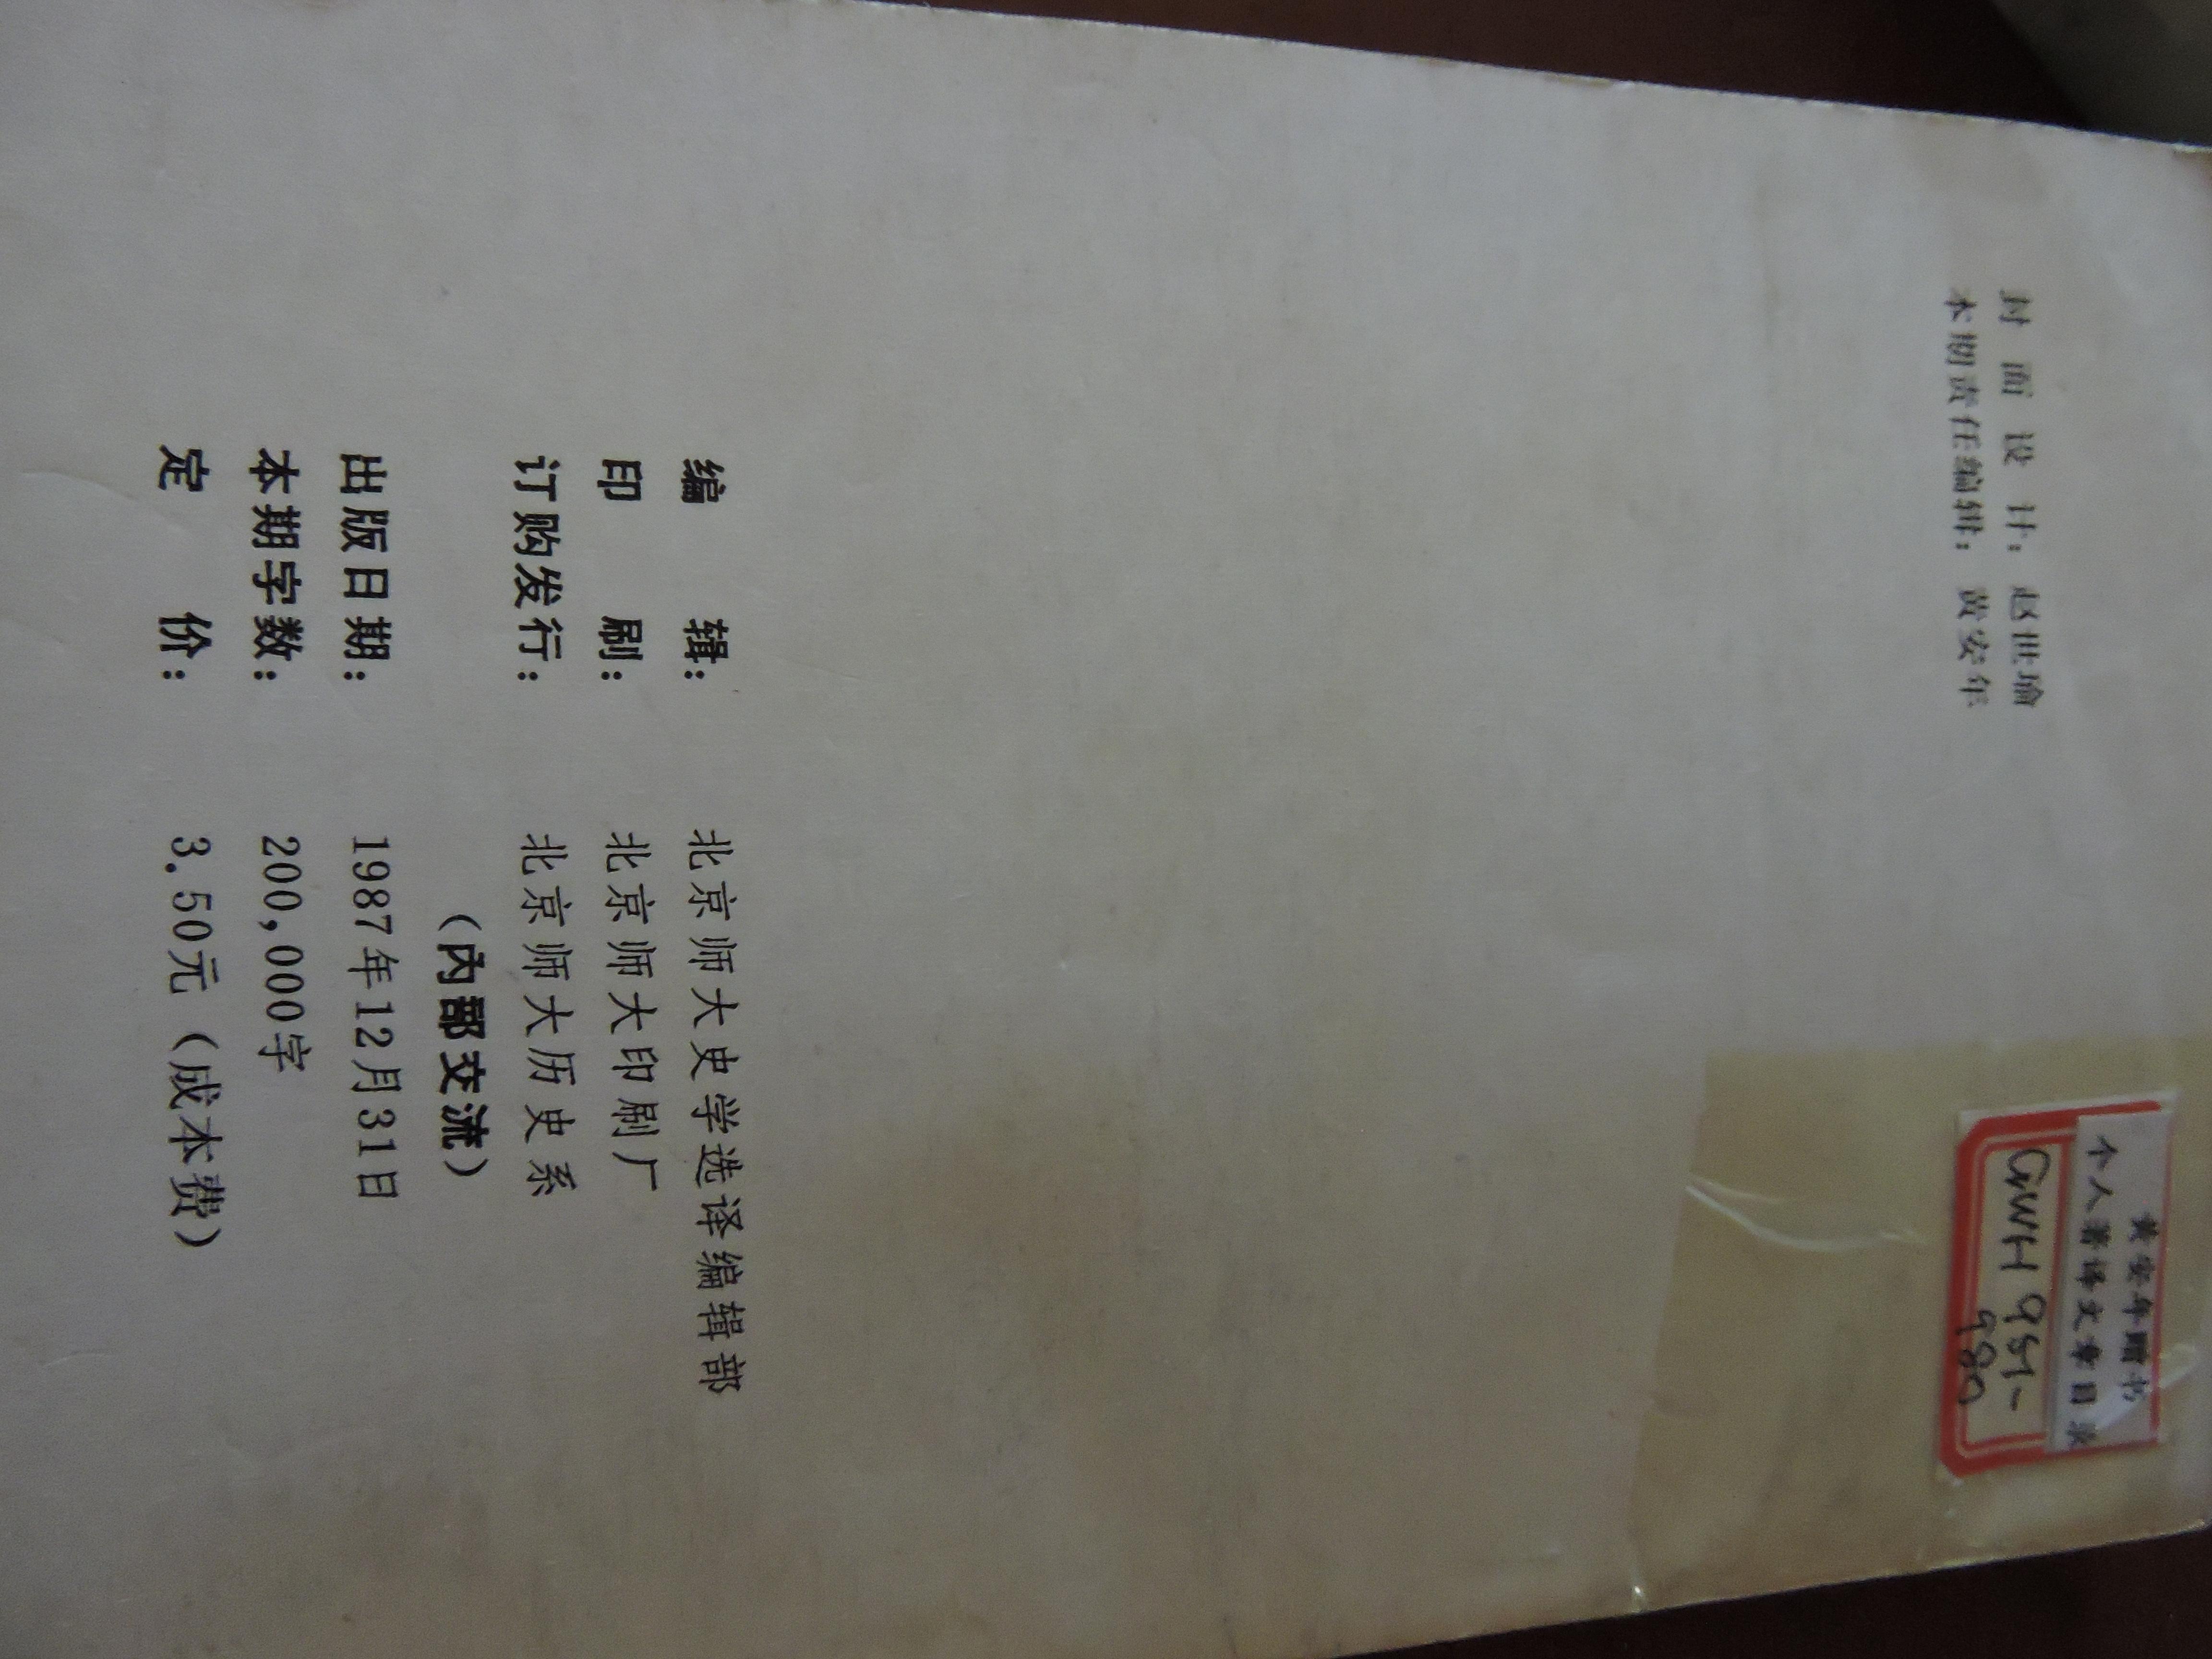 DSCN8643 - Copy.JPG